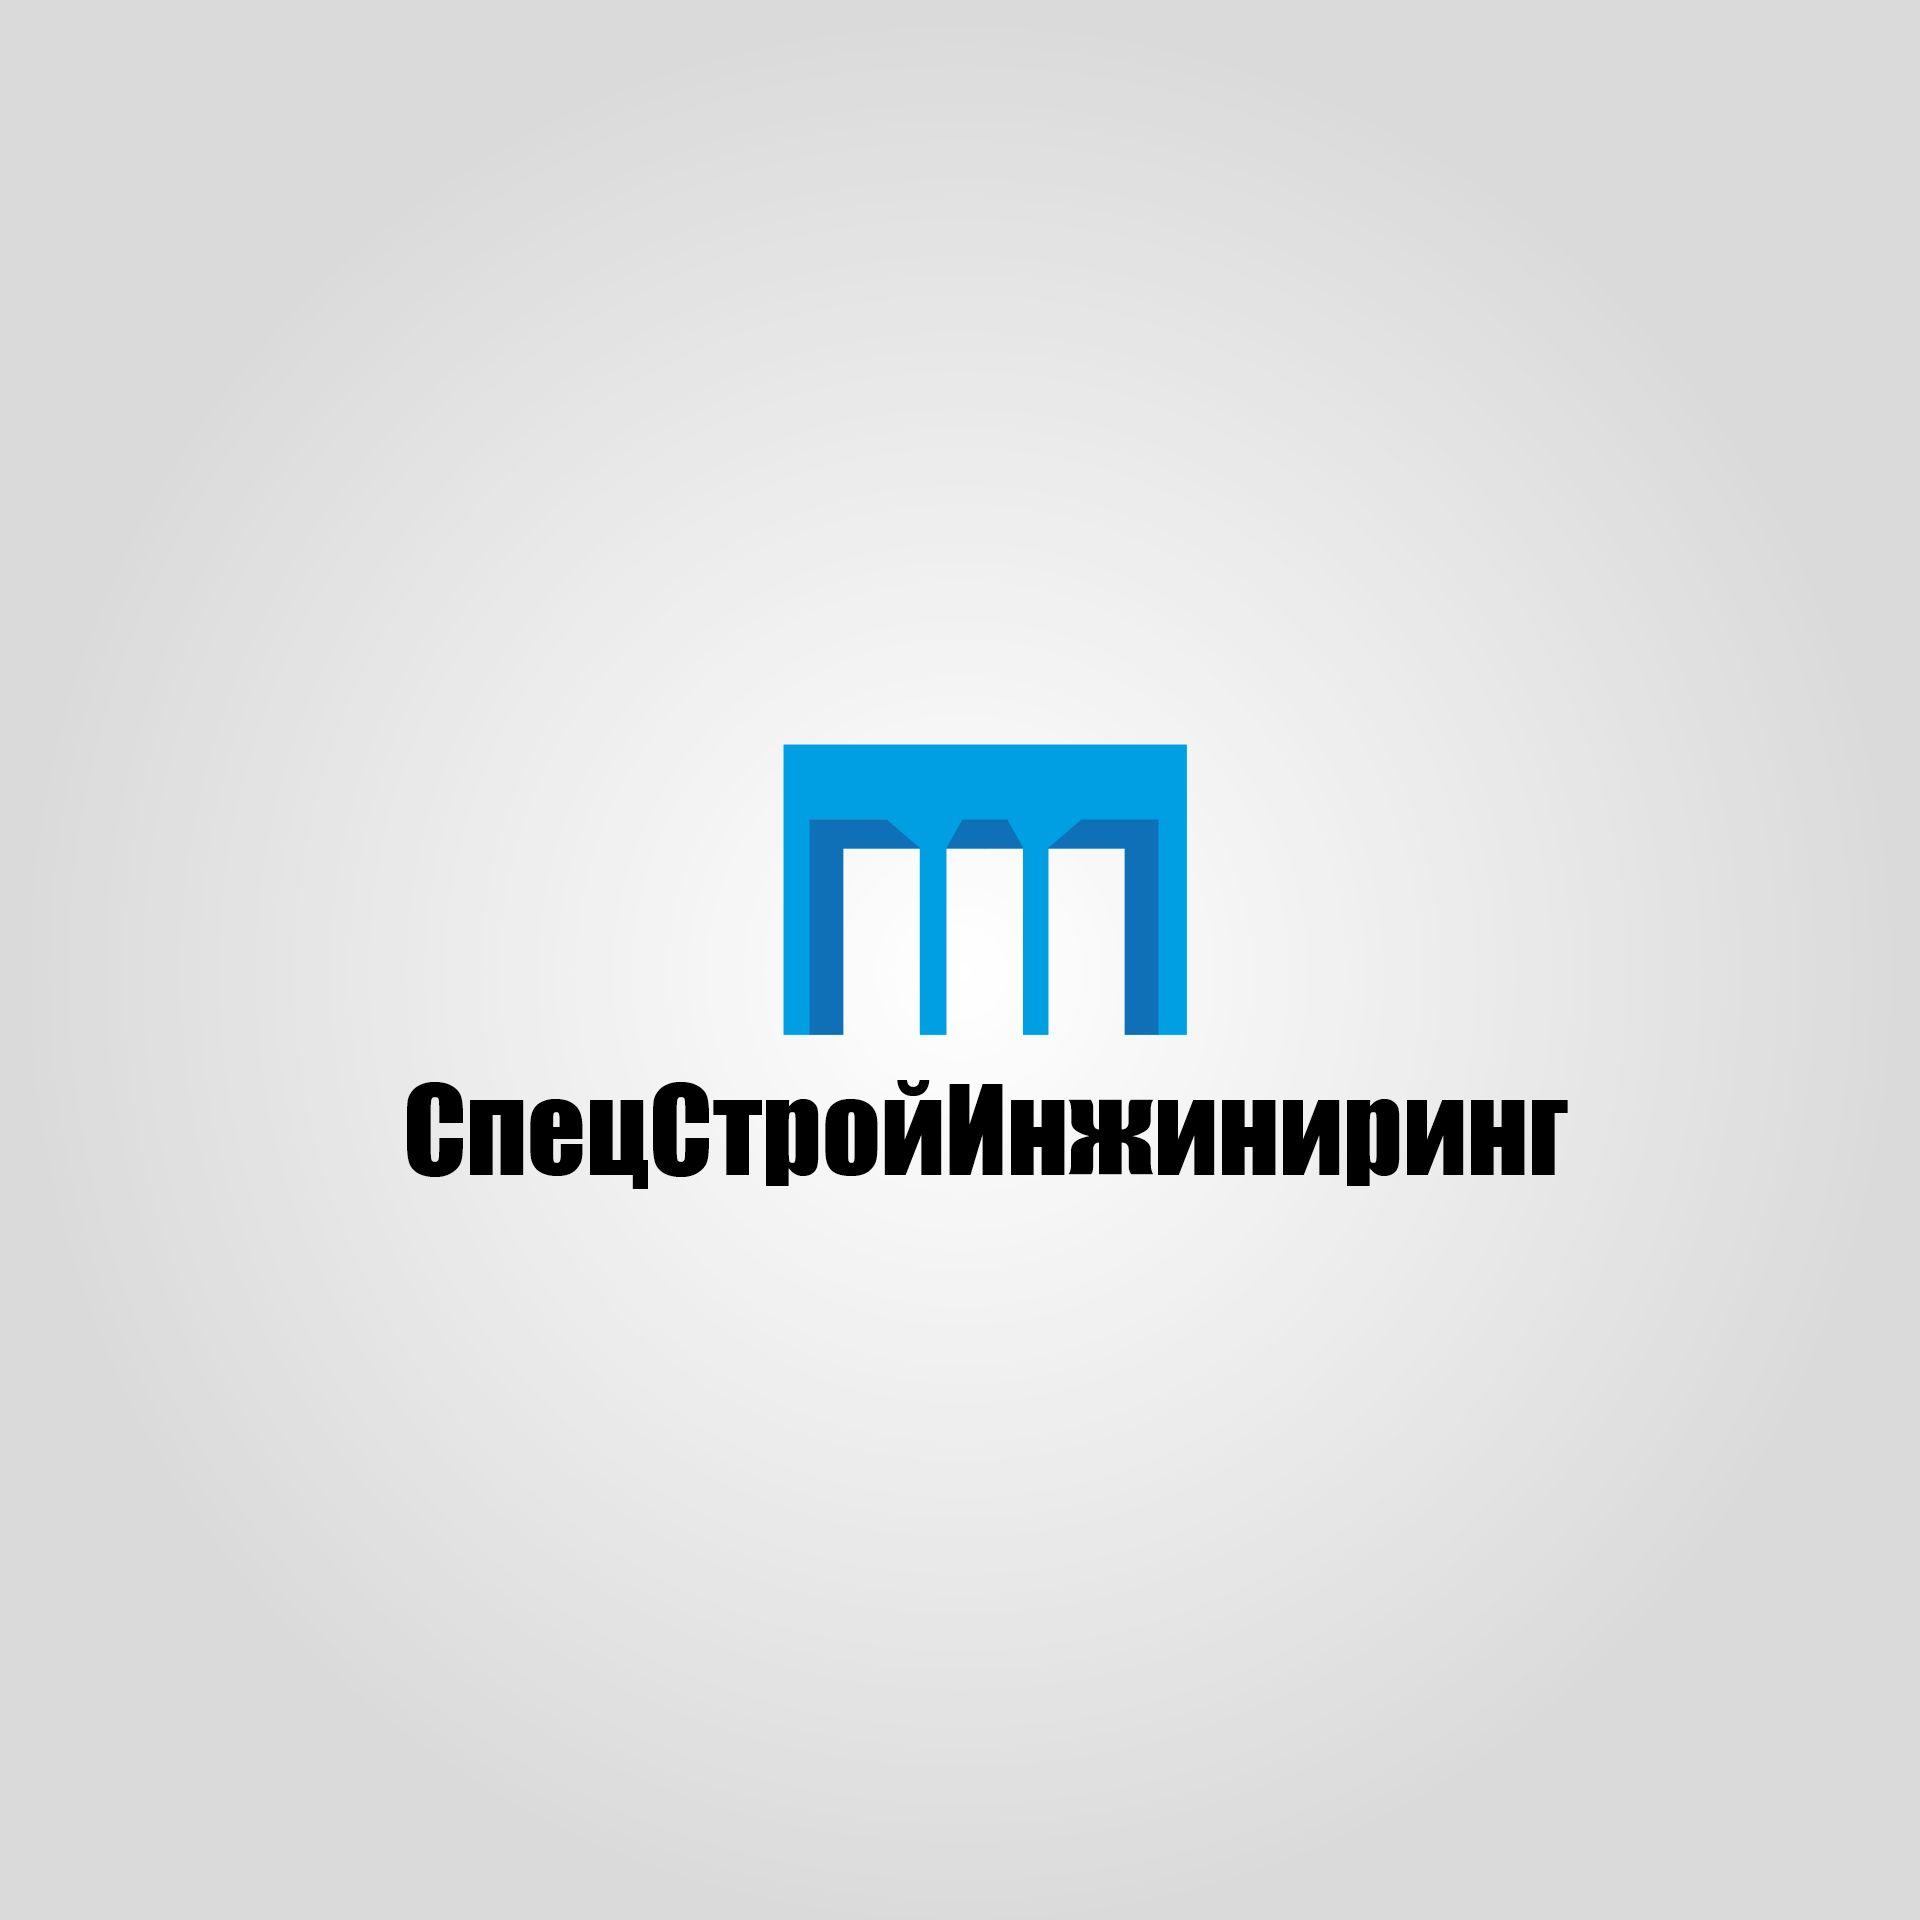 Логотип для строительной компании - дизайнер alpine-gold